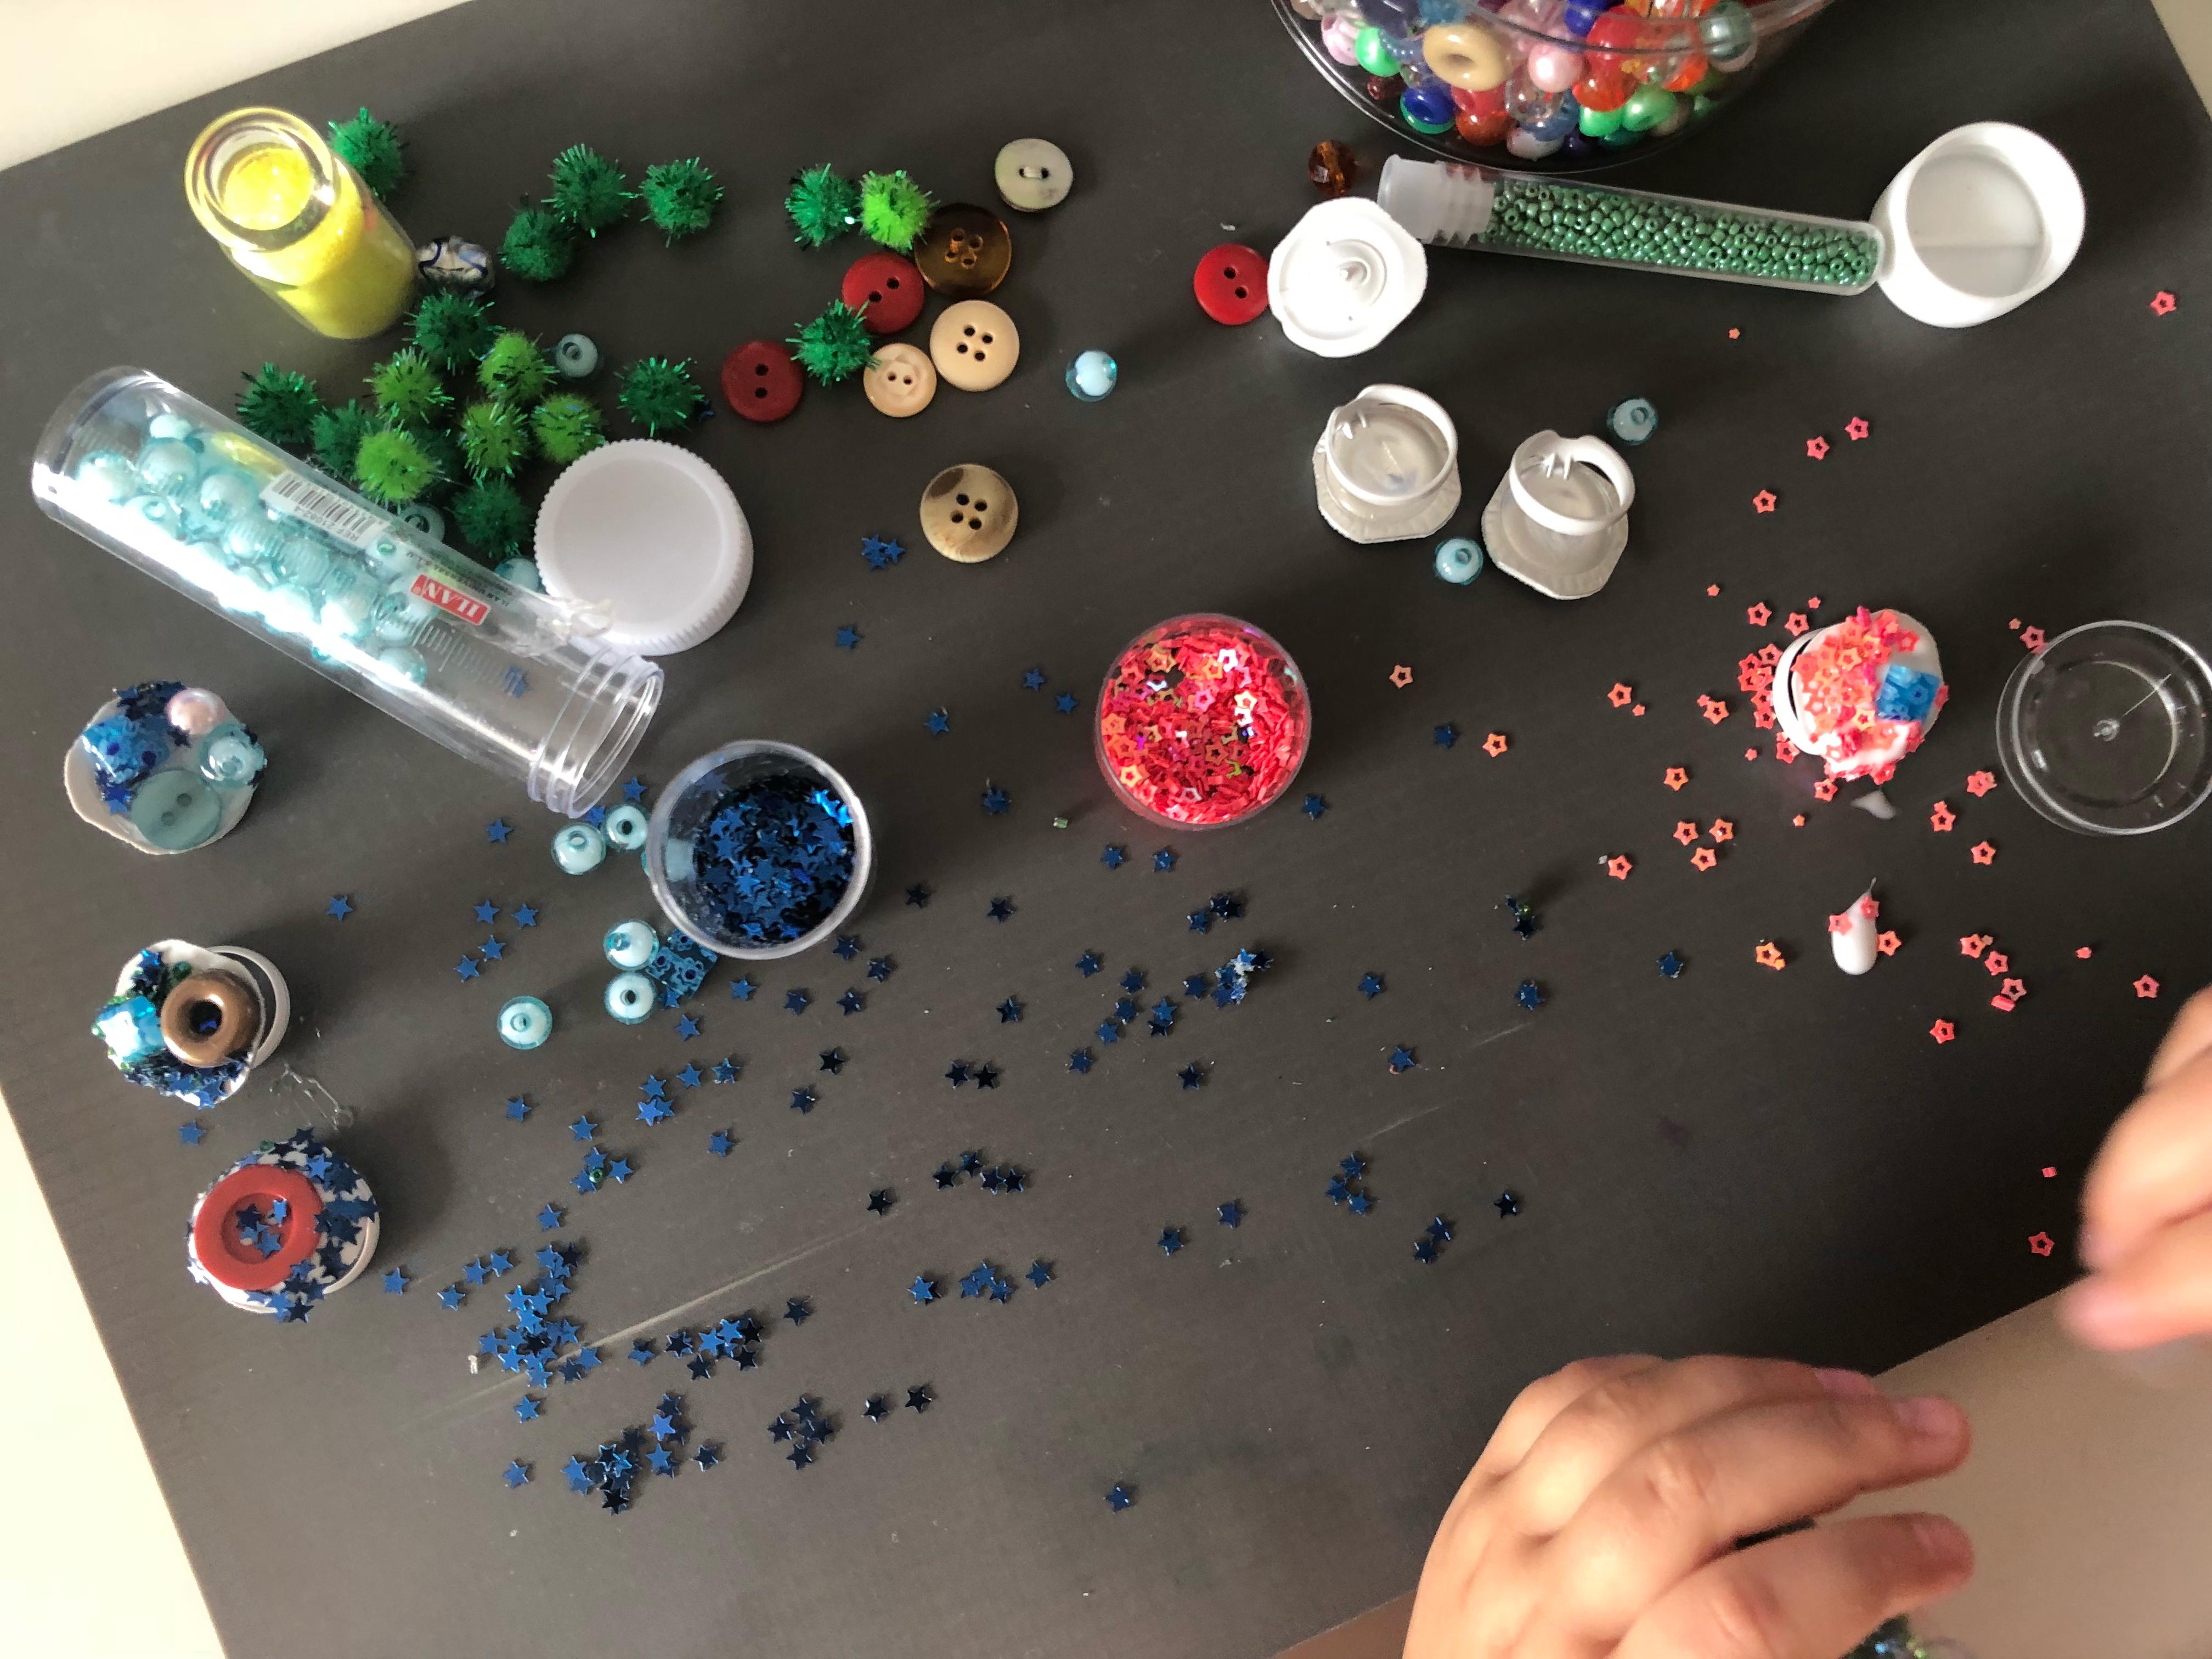 actividades infantiles creativas